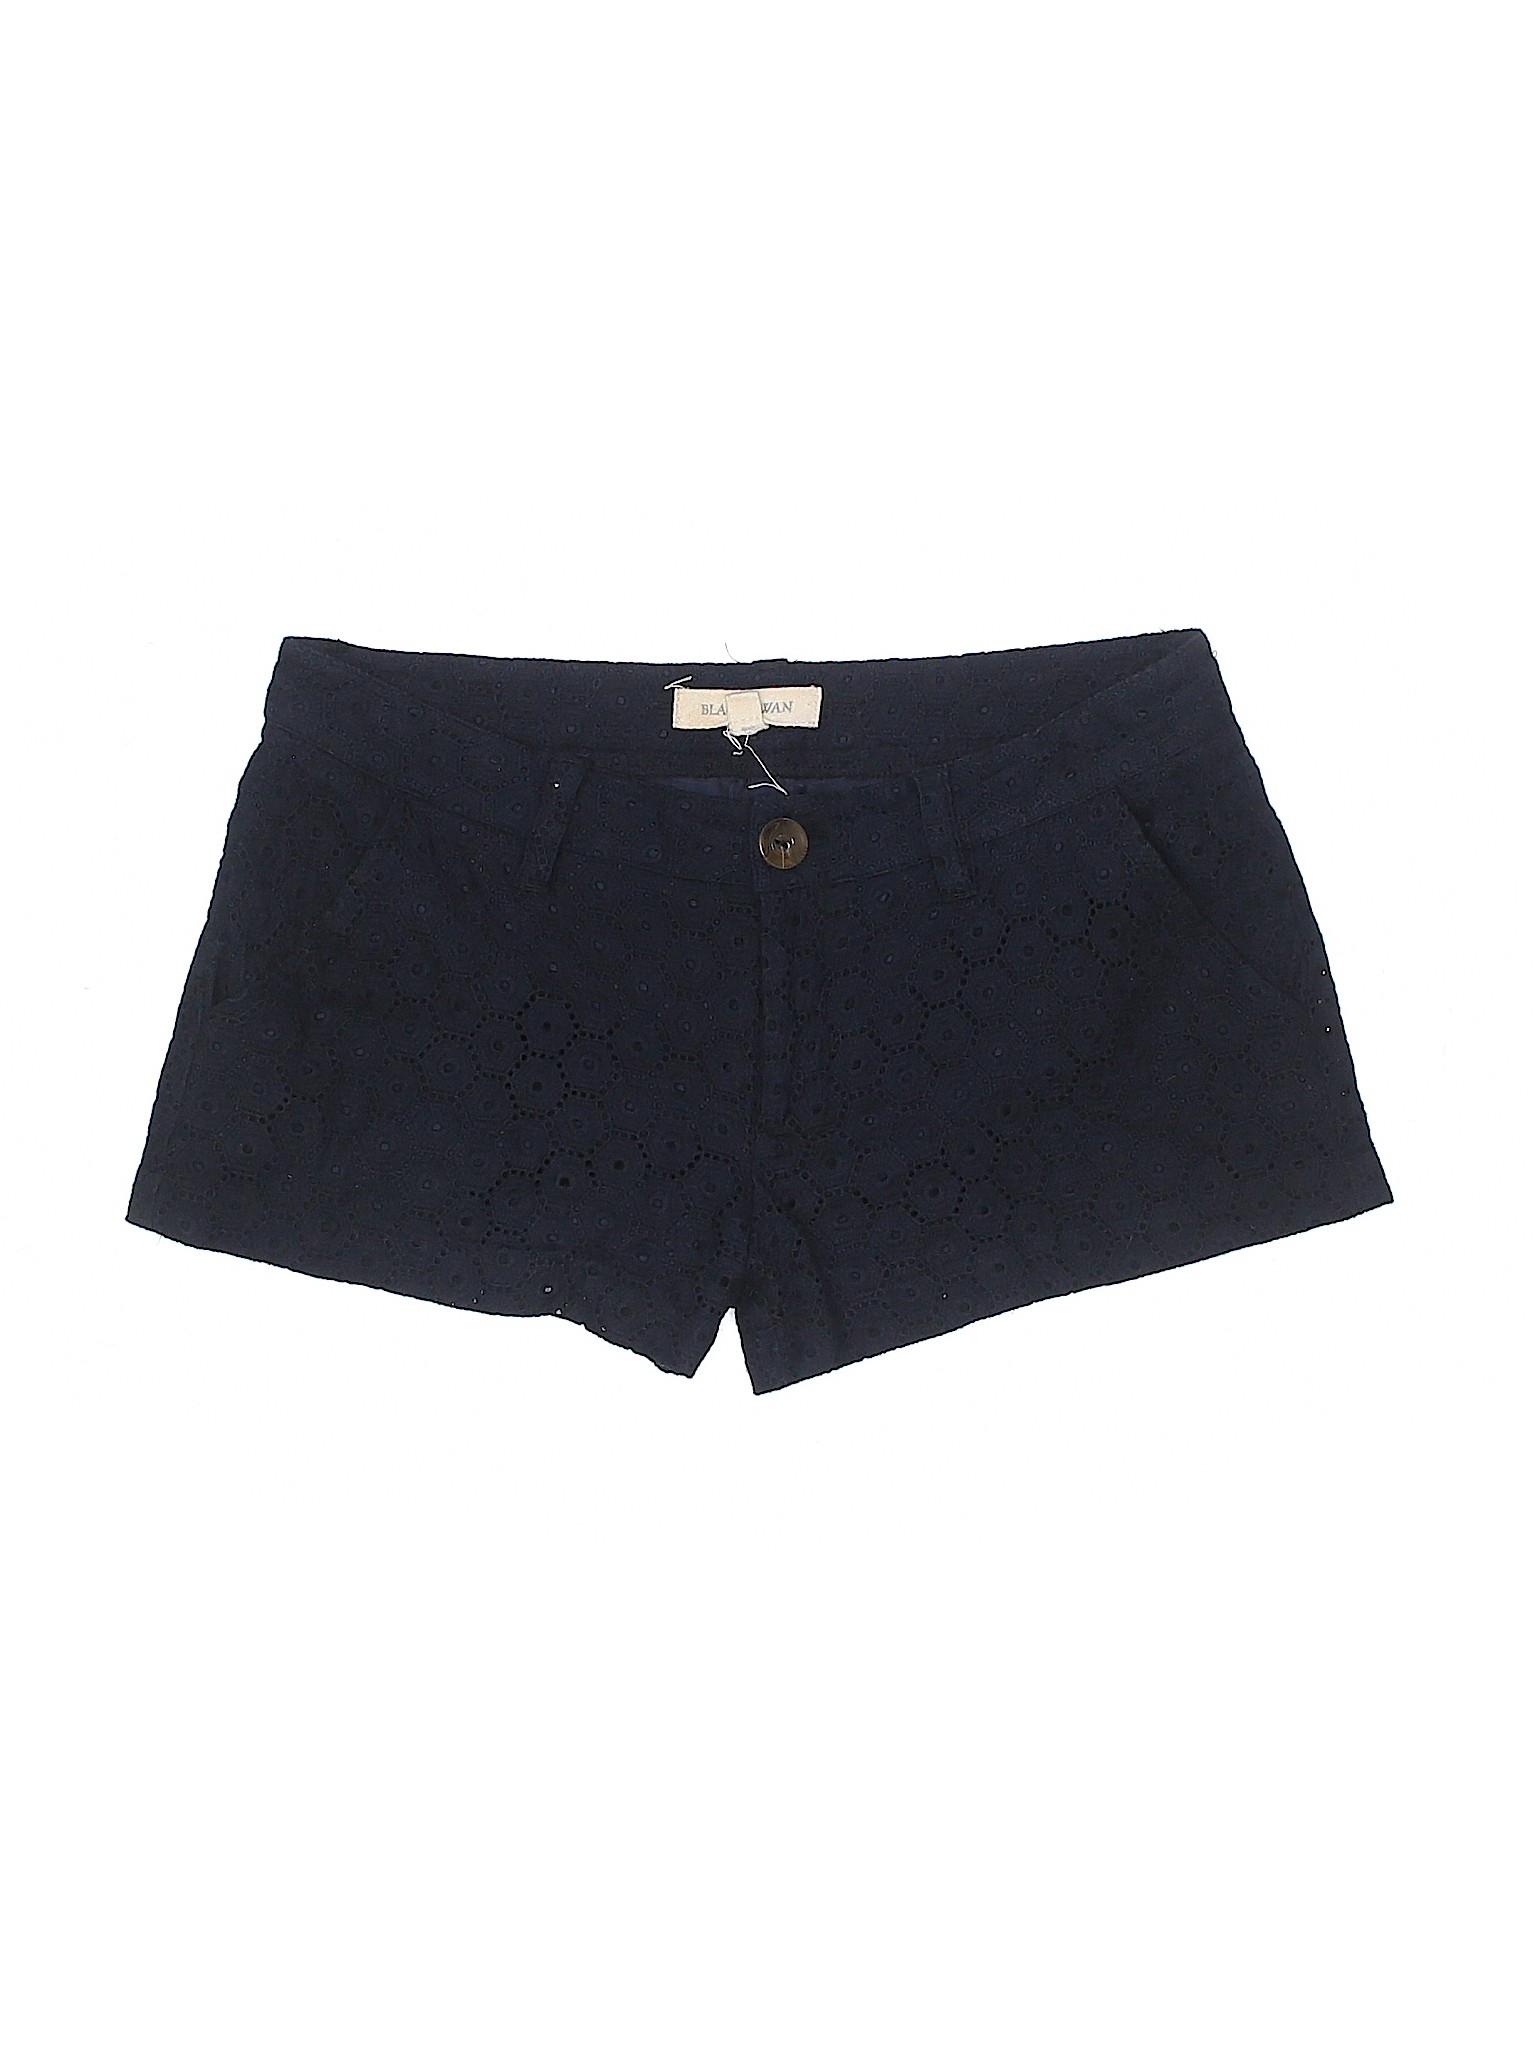 Black Shorts leisure Boutique Black Boutique Swan Boutique leisure Shorts Swan wZWR0Bq60